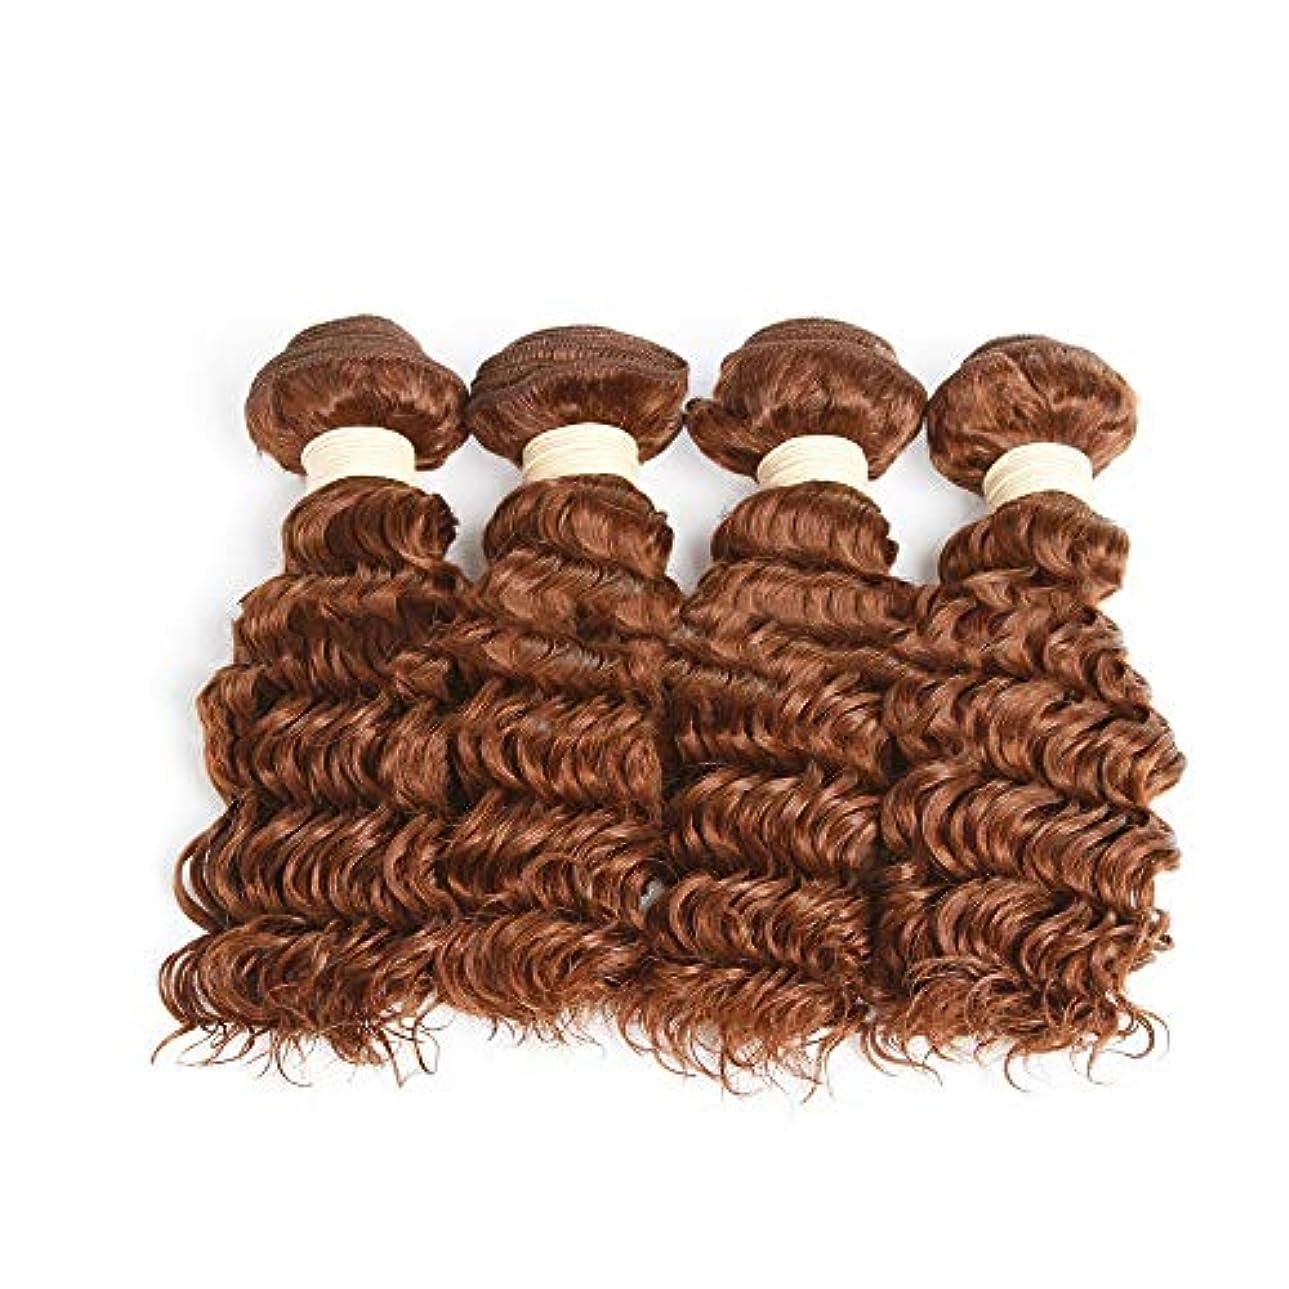 性格前文欺くMayalina ブラジルのディープウェーブの毛100%未処理の人間の毛髪延長1バンドル#30ブライトブラウン色ブラジルのバージンヘア8-26インチロールプレイングかつら女性のかつら (色 : ブラウン, サイズ : 16...